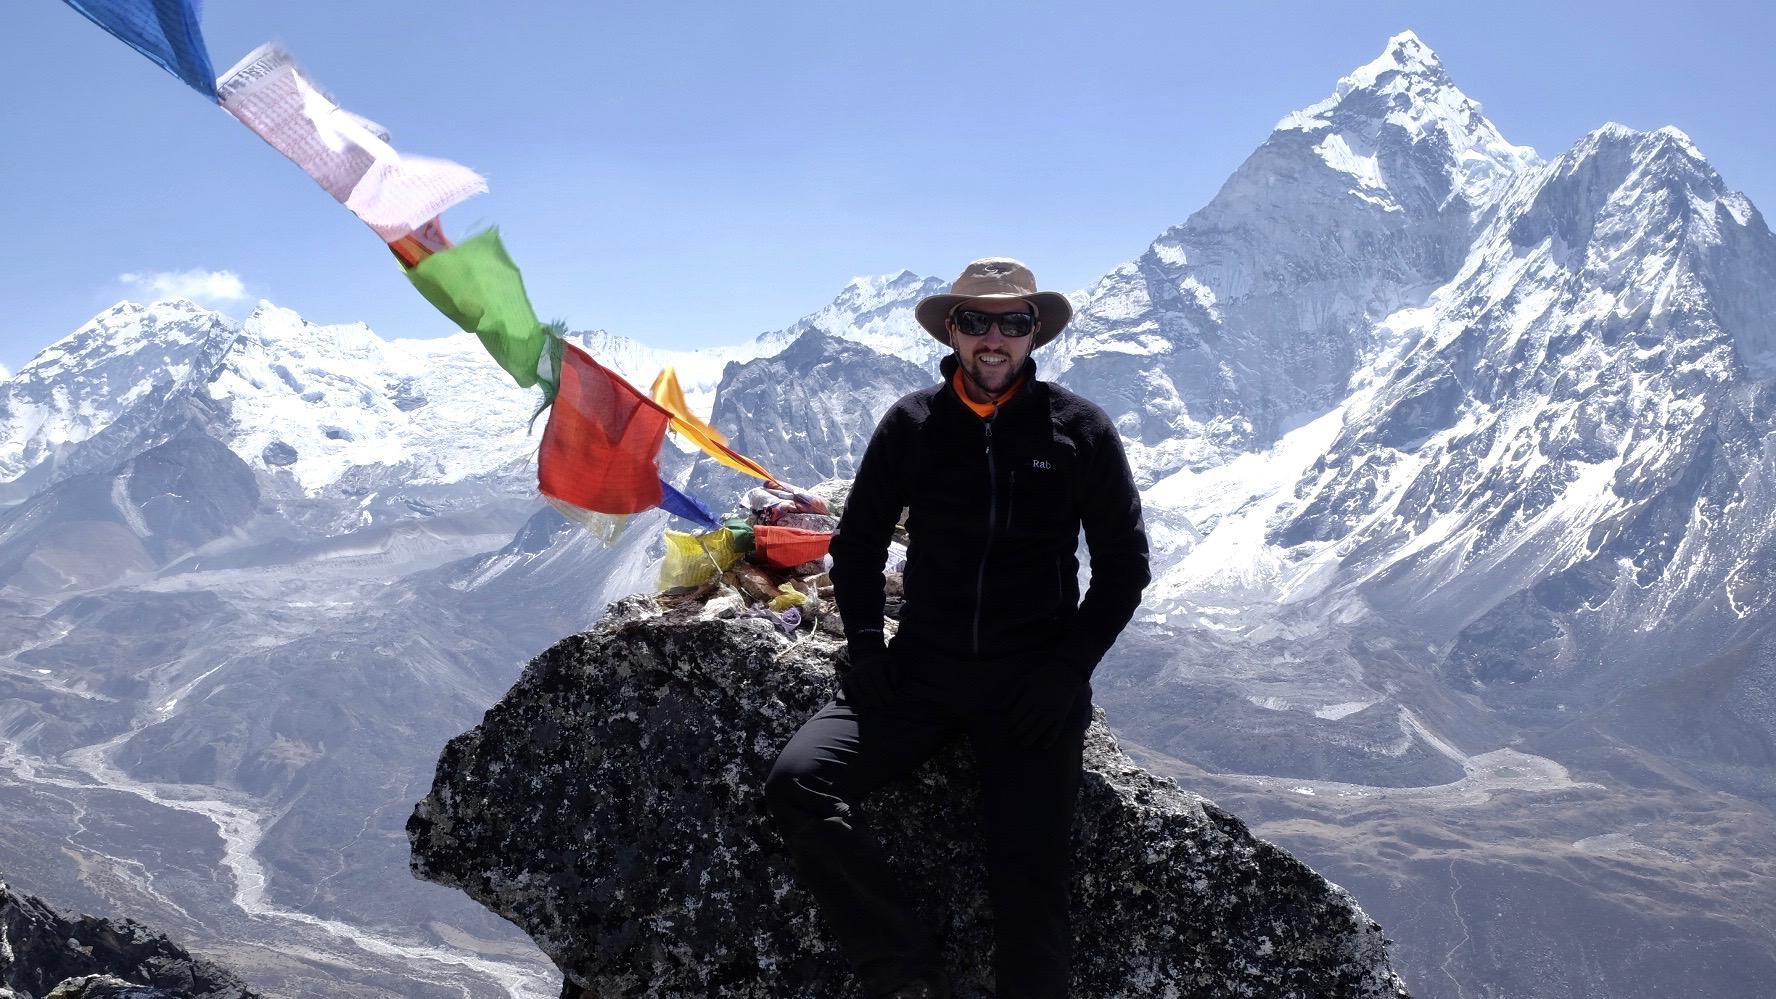 Nangkartshang Peak, 5083m, Khumbu, Nepal.